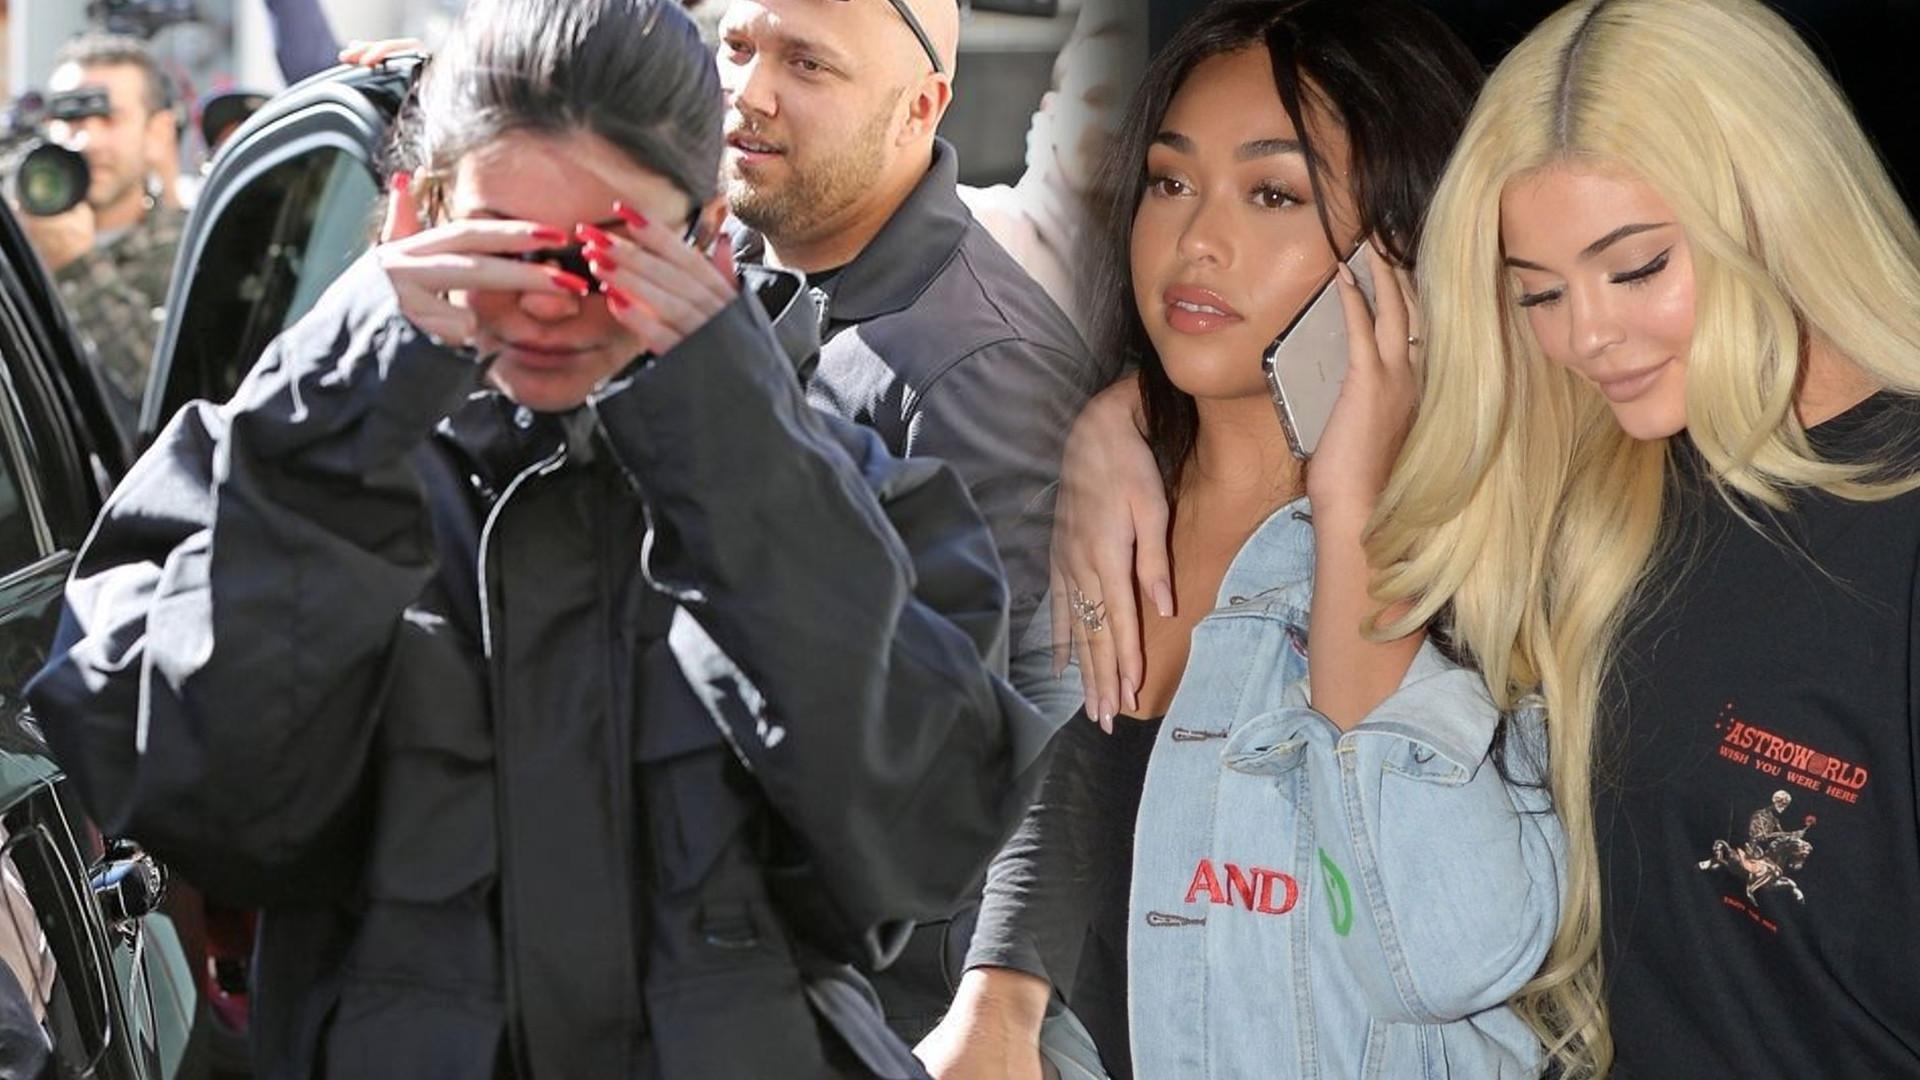 Oto REAKCJA Kylie Jenner na to, że Tristan zdradził Khloe z jej przyjaciółką Jordyn